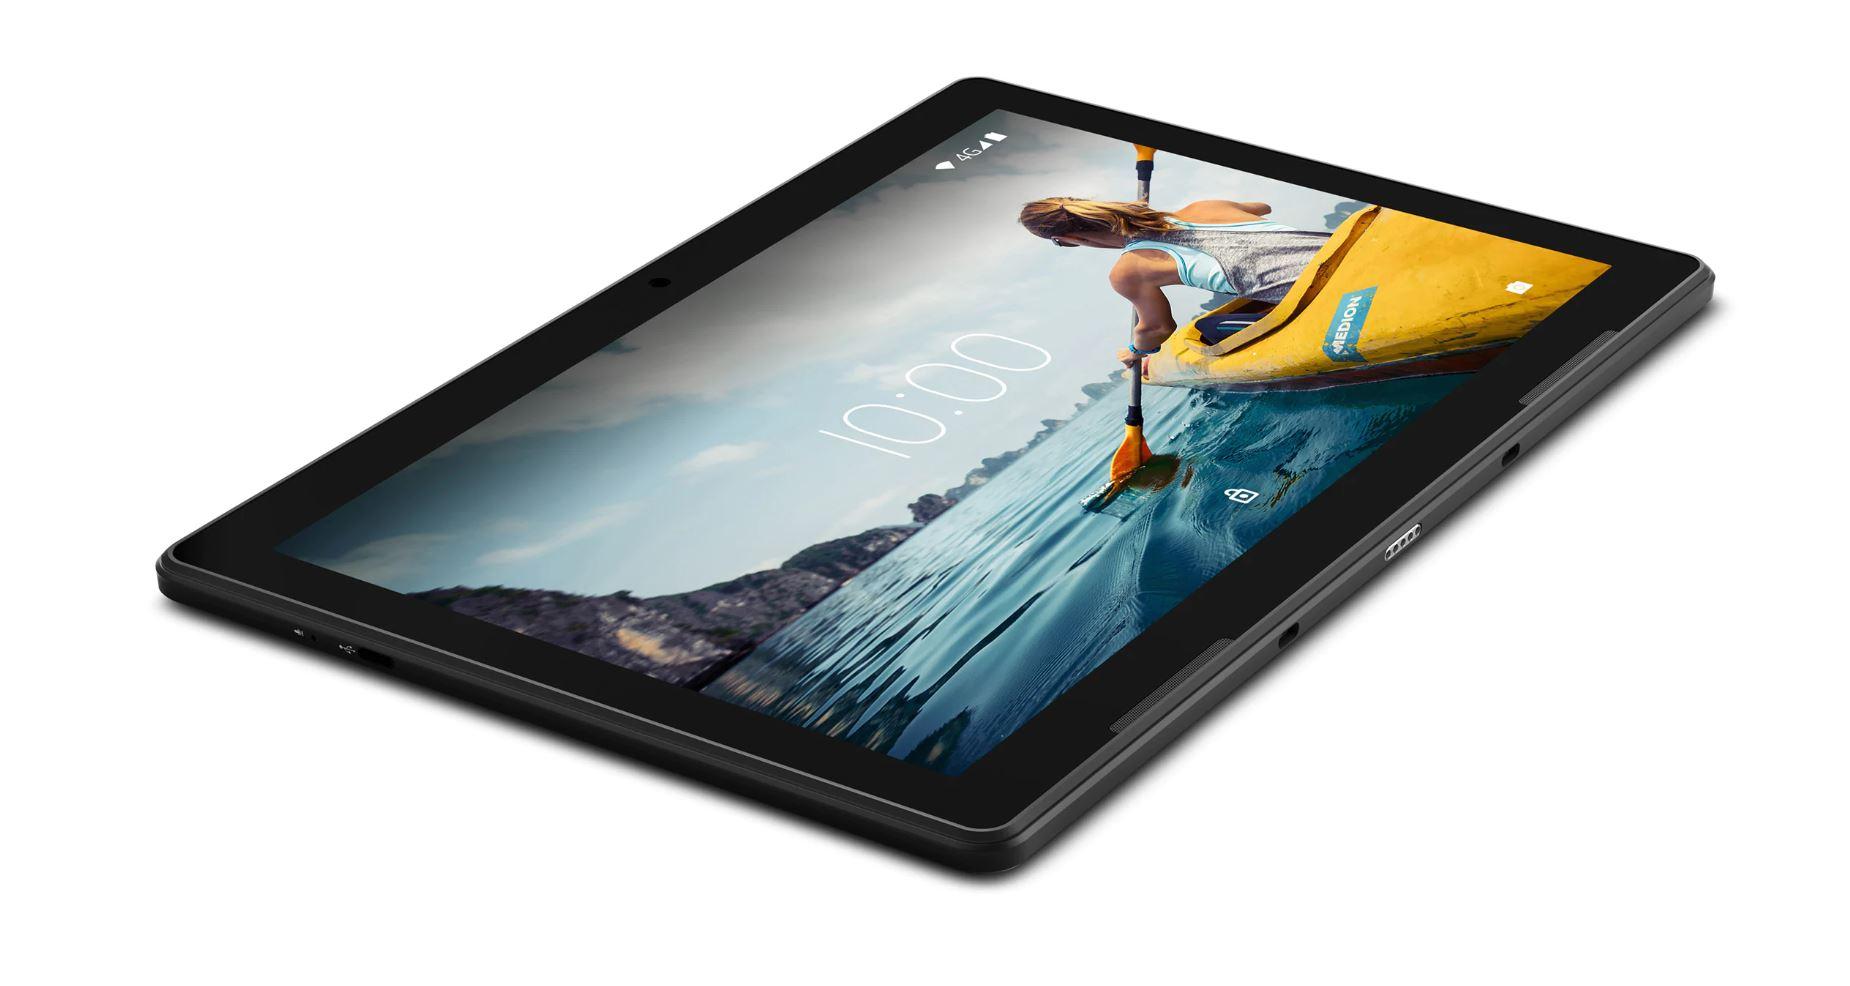 Medion P10710 Tablet